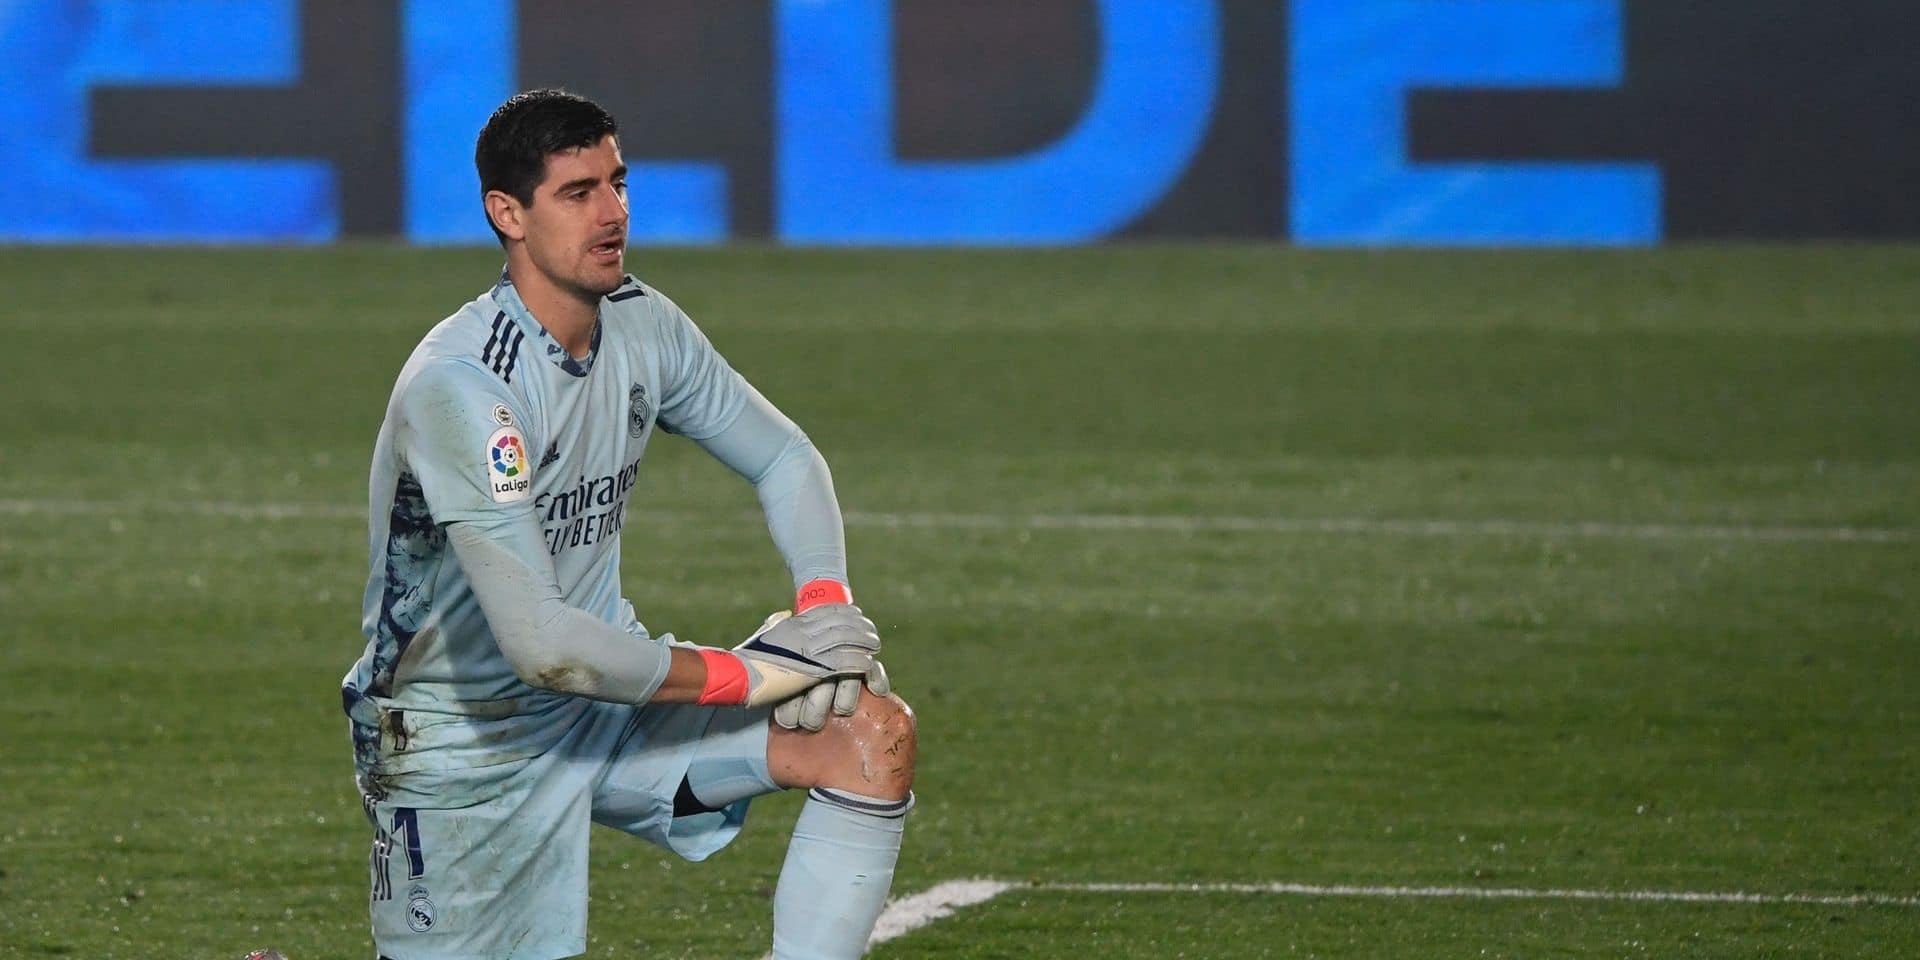 Irrégularité, blessures, méformes: pourquoi le Real Madrid a du mal cette saison